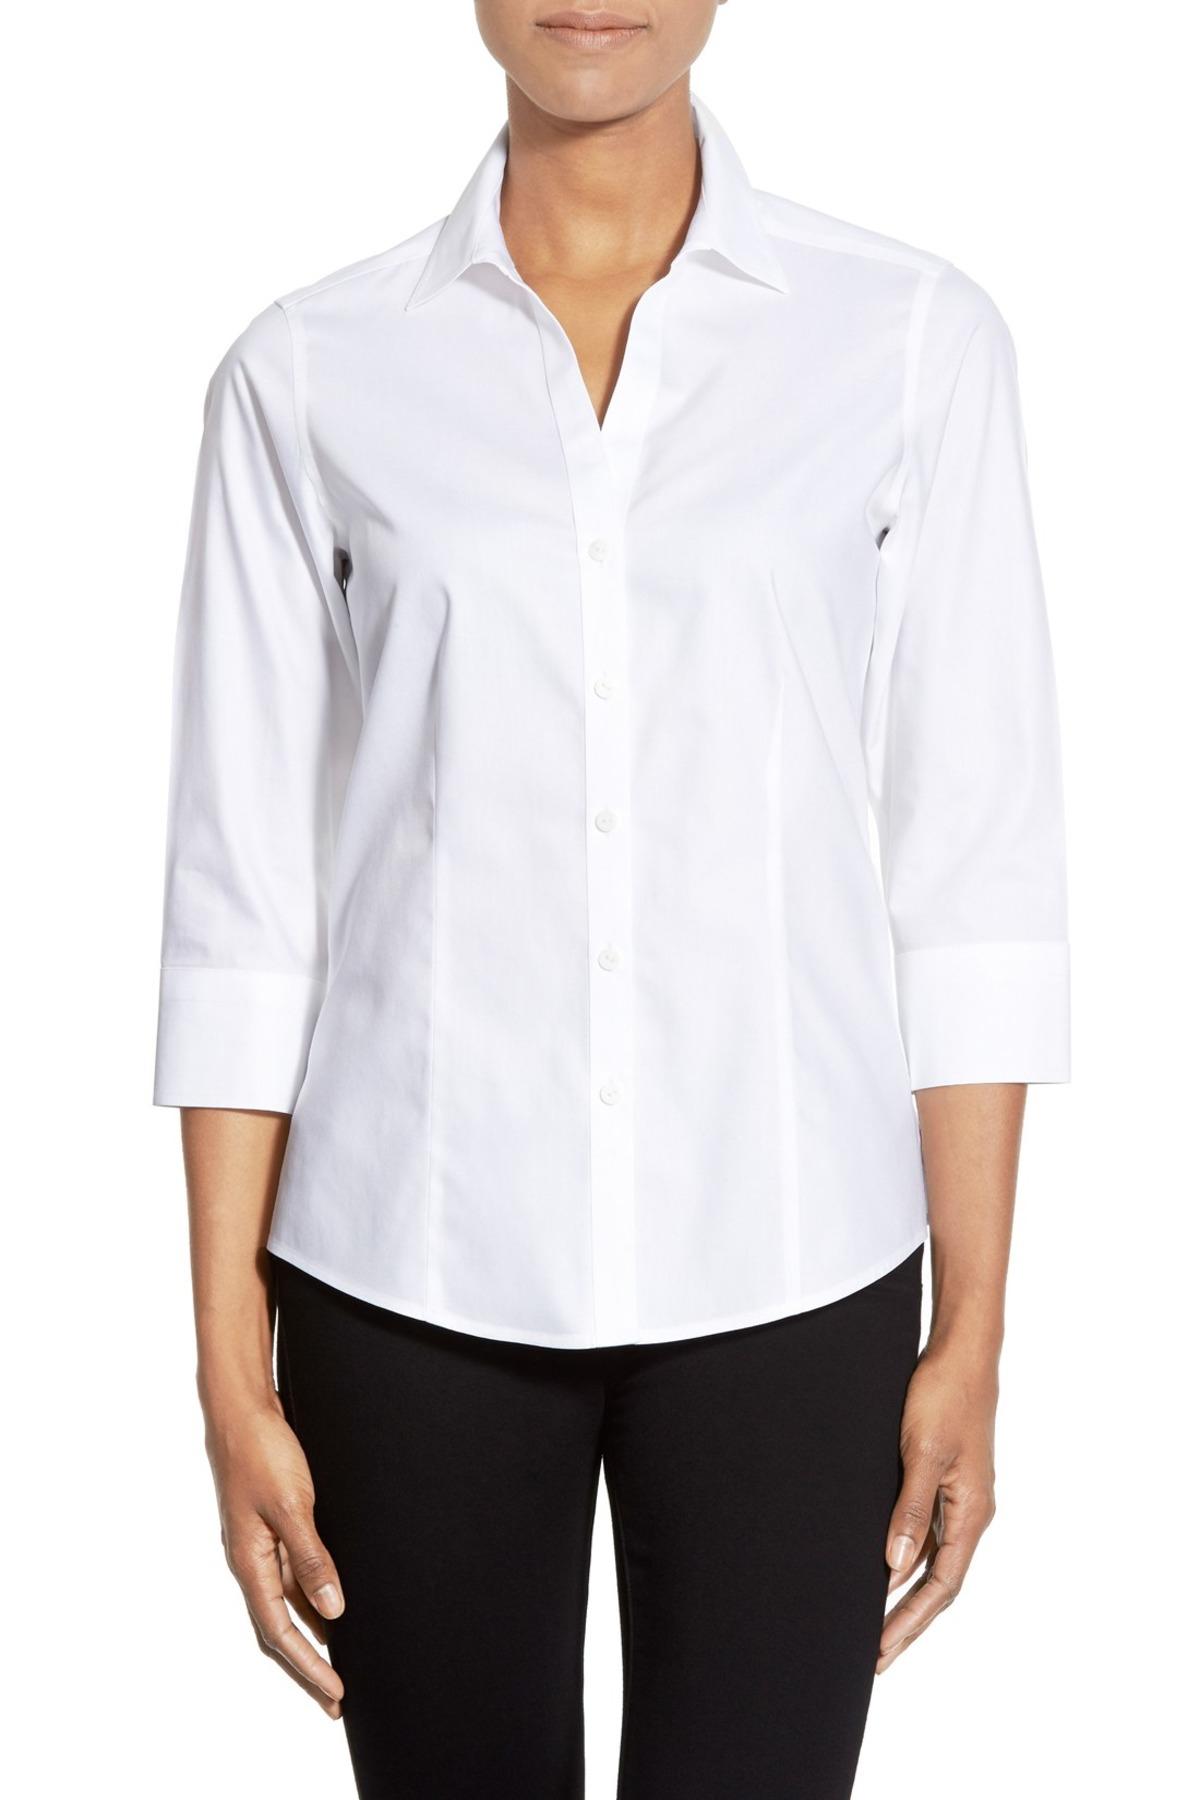 Foxcroft three quarter sleeve non iron cotton shirt for No iron cotton shirts